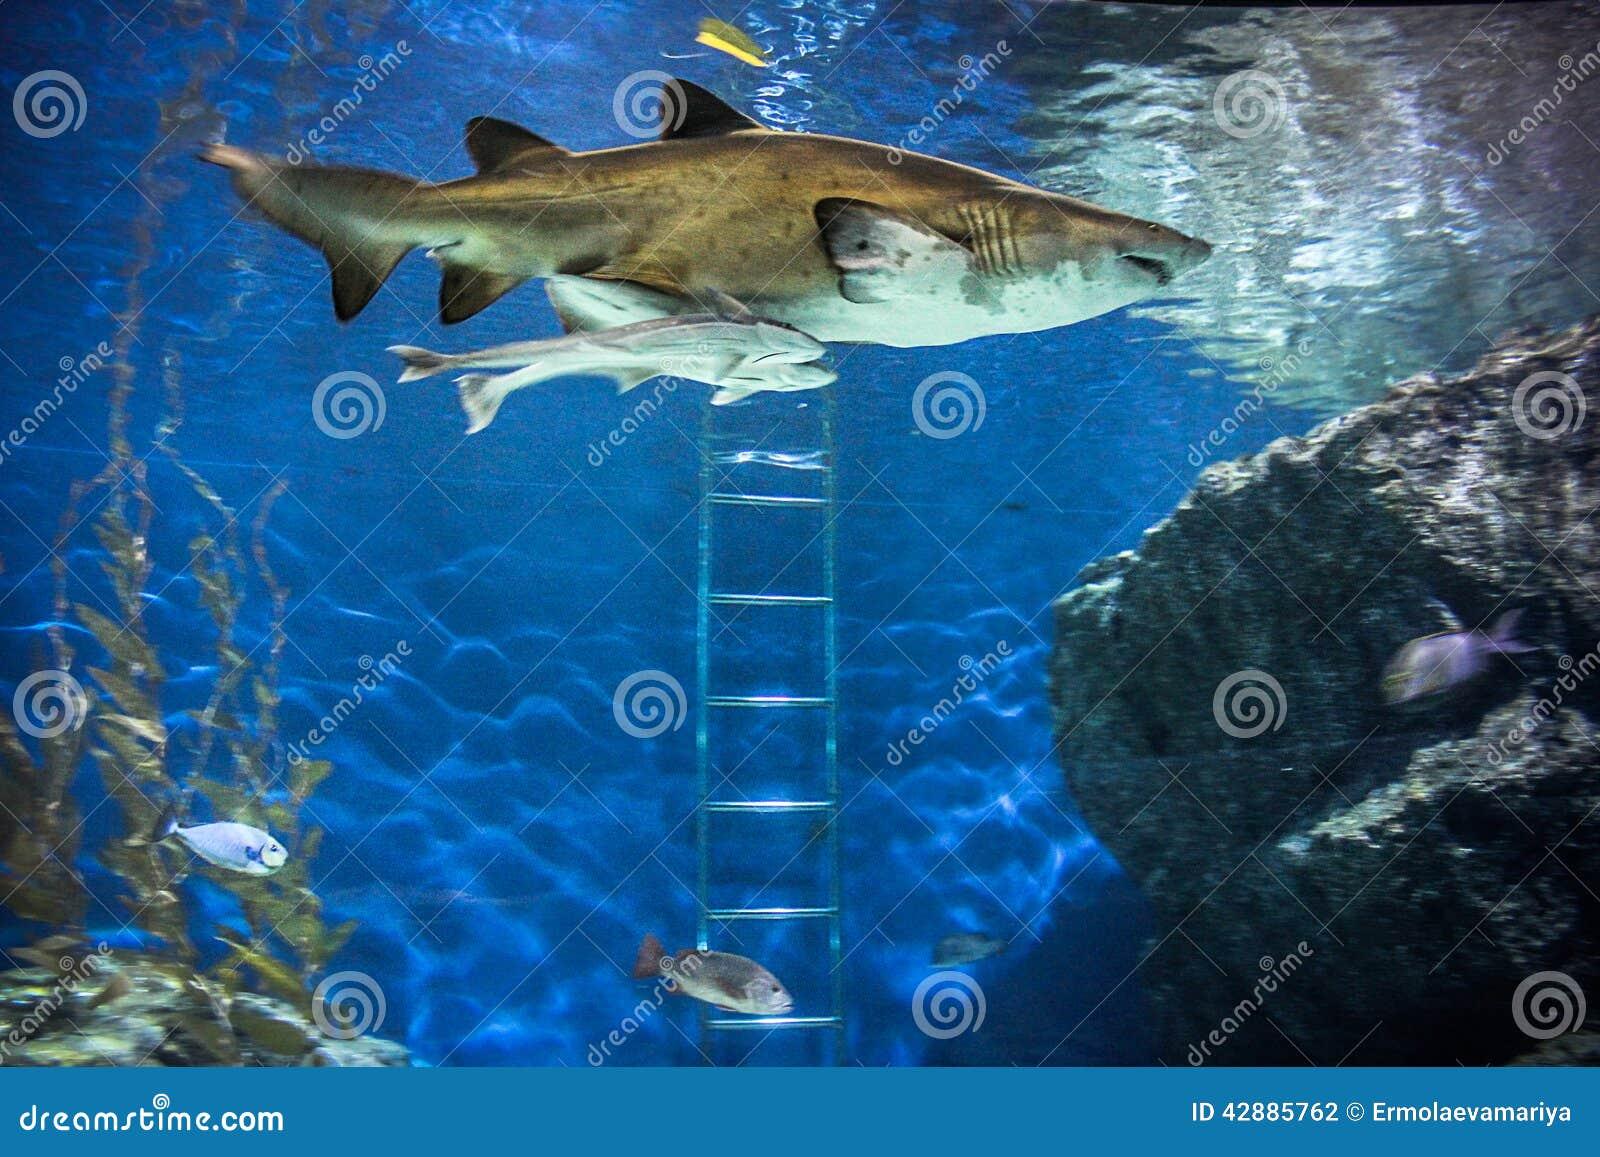 Shark with fish underwater in natural aquarium for Shark fish for aquarium